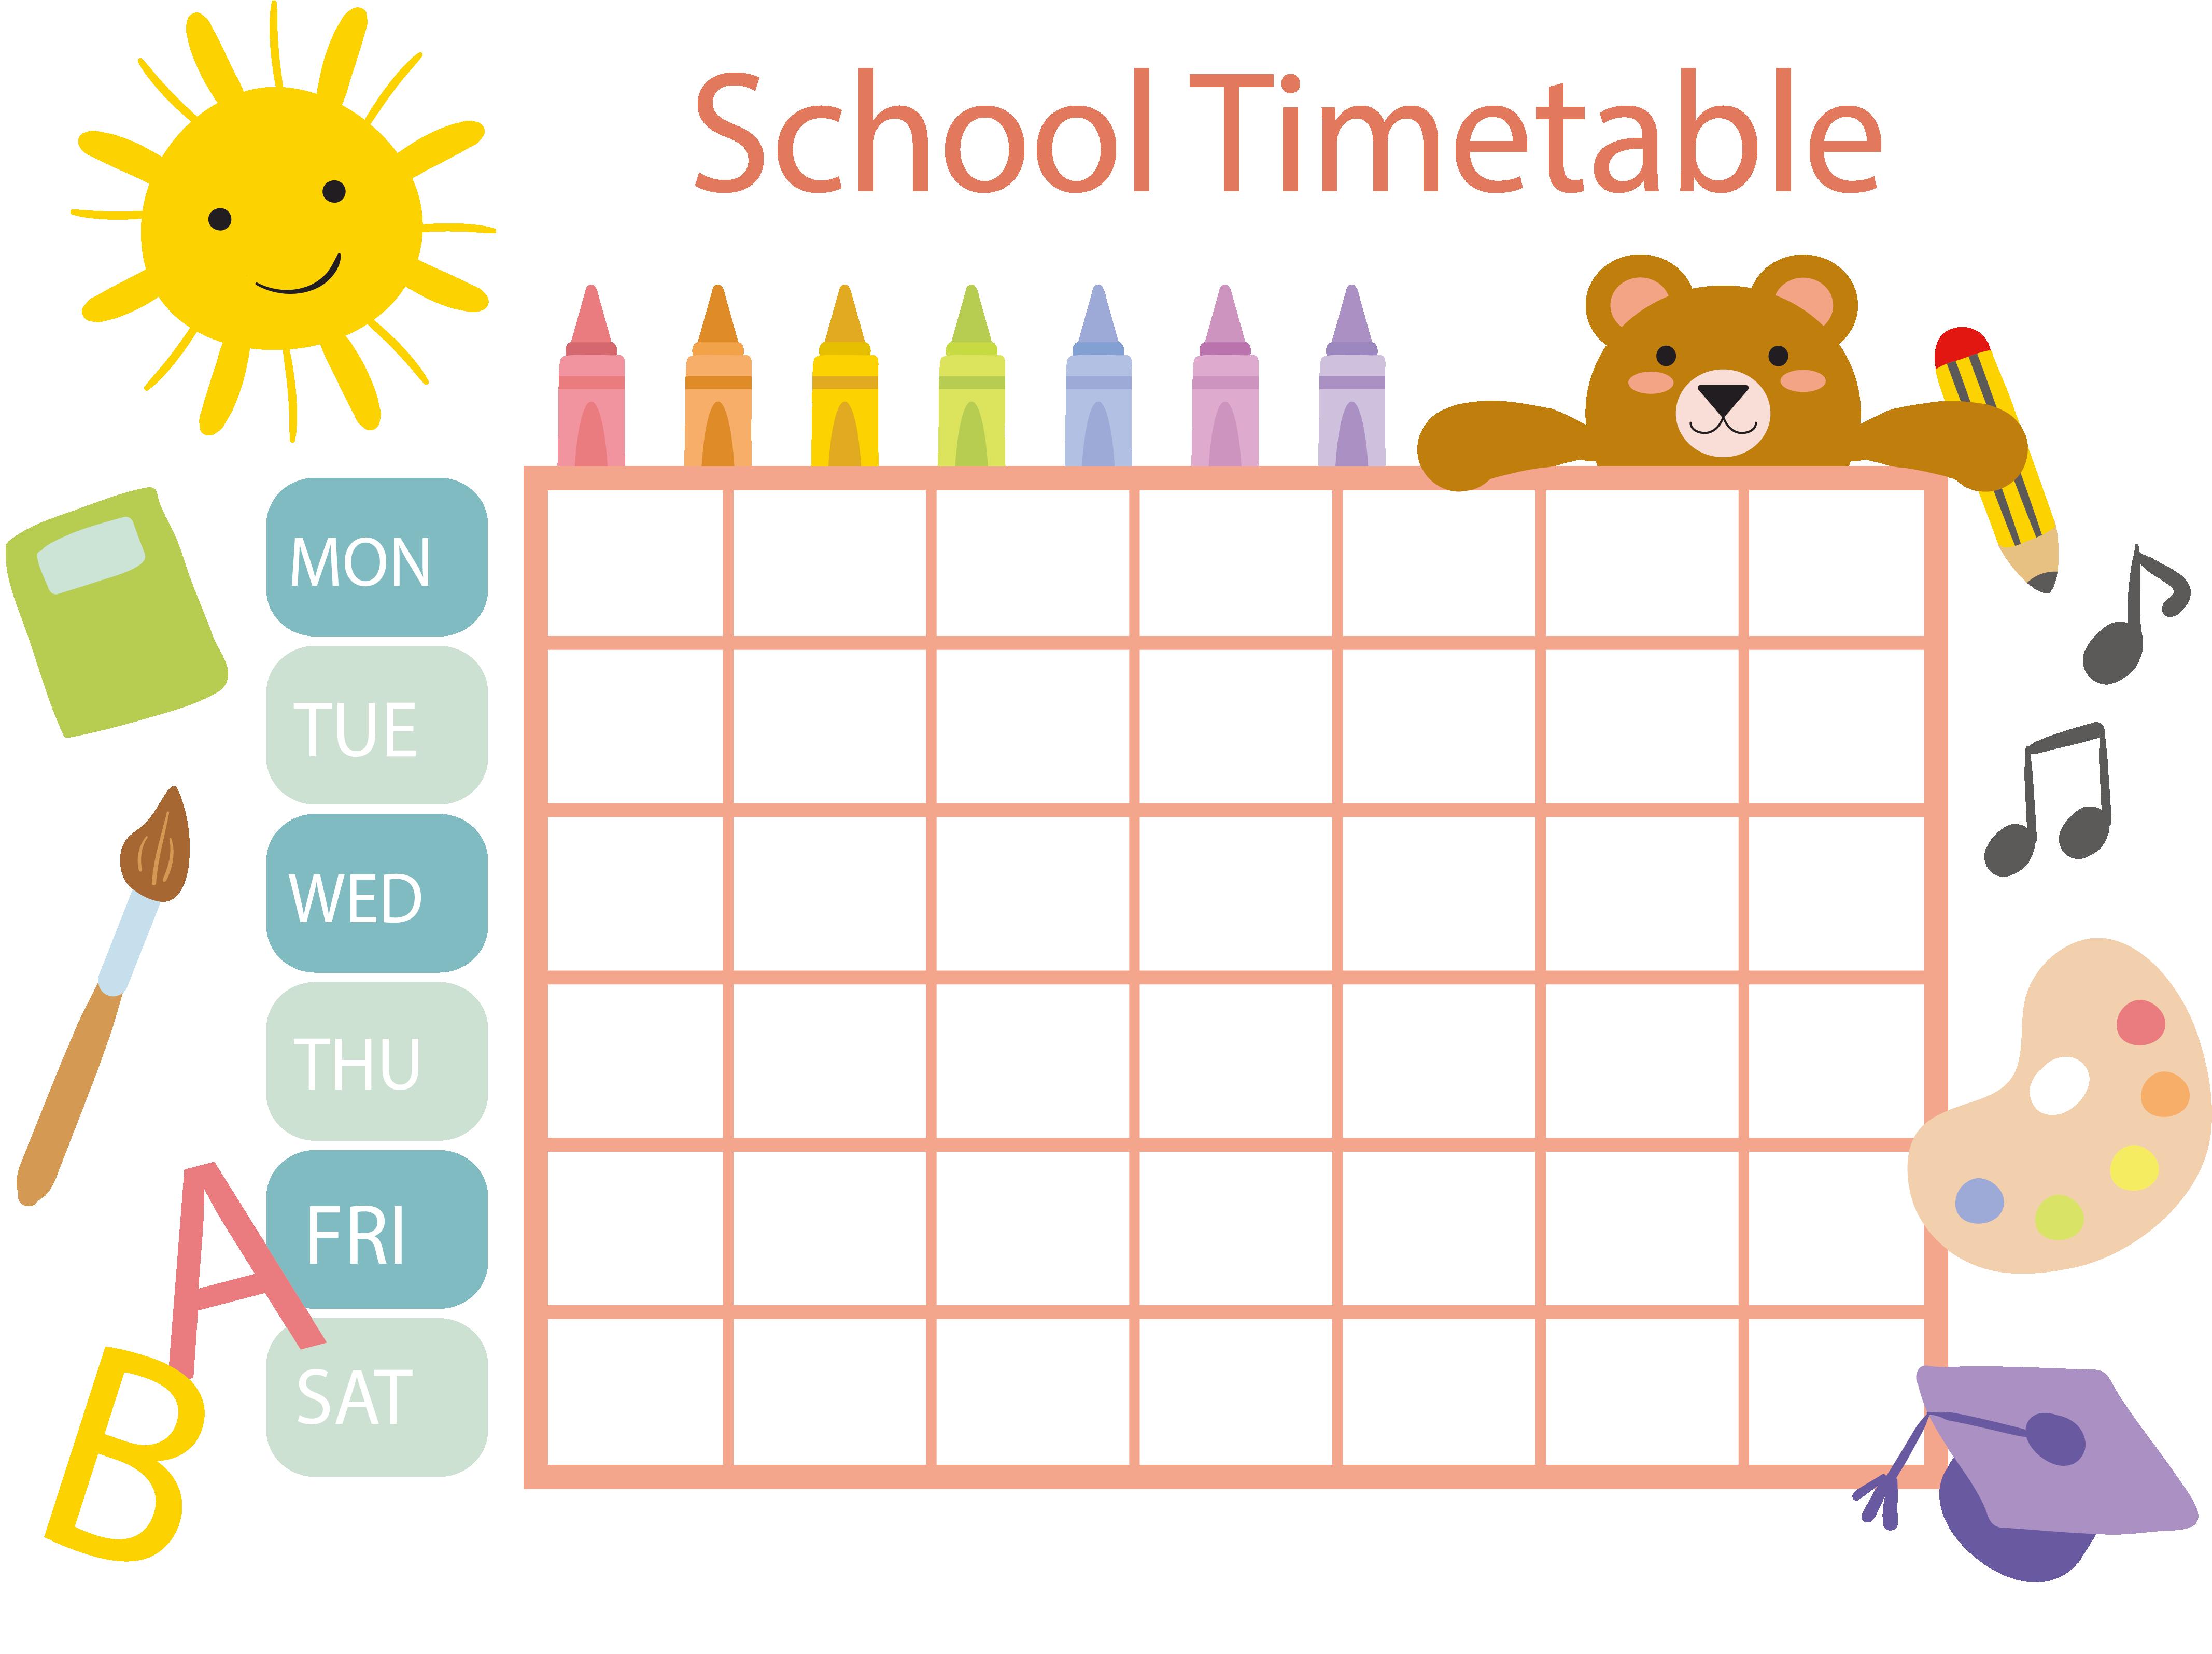 School schedule clipart banner free download School timetable Schedule Template Clip art - Pastel crayon schedule ... banner free download